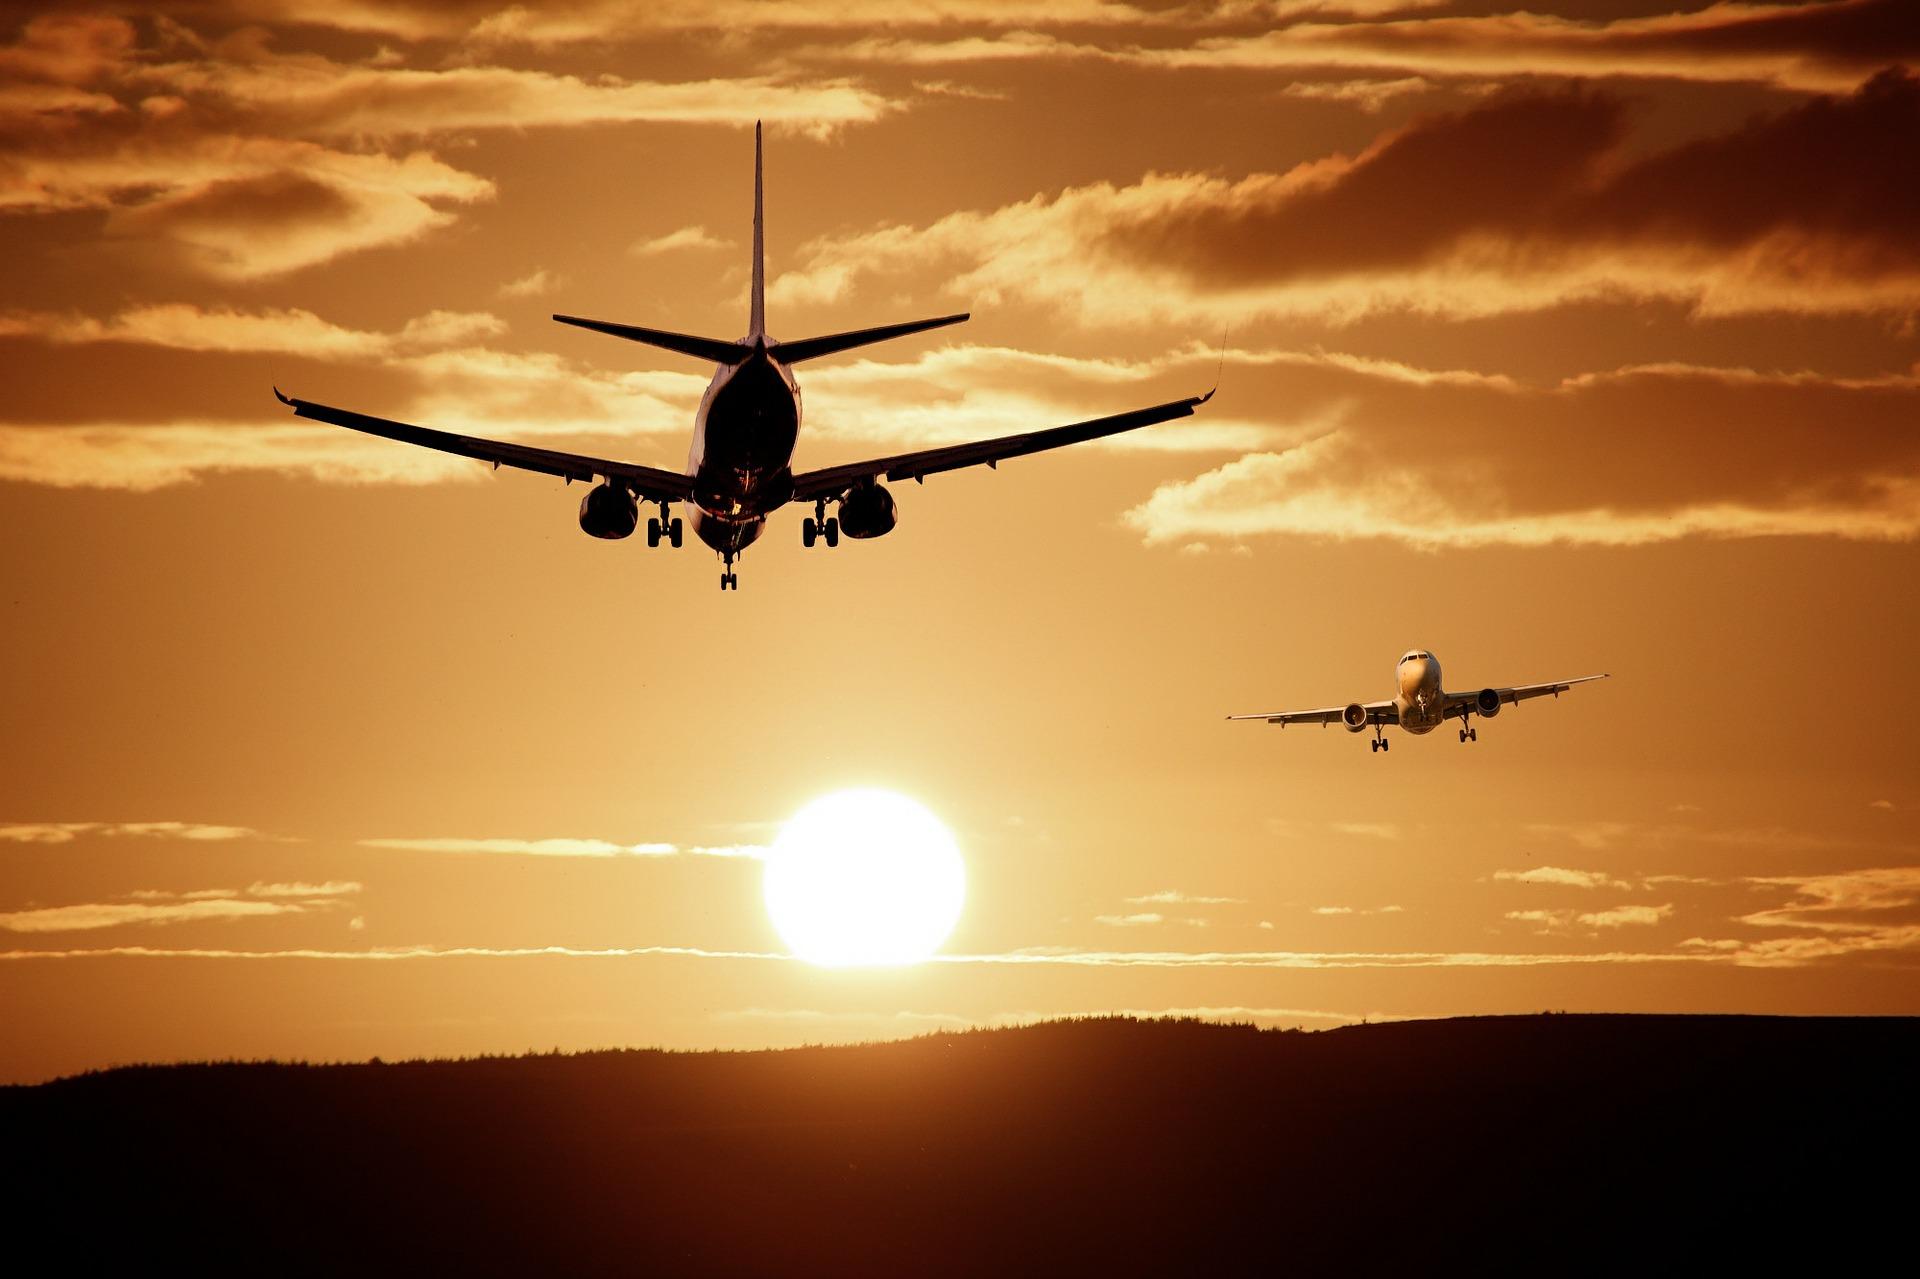 Una aerolínea es condenada por rechazar injustificadamente la reducción de jornada de una azafata para cuidar a su hija